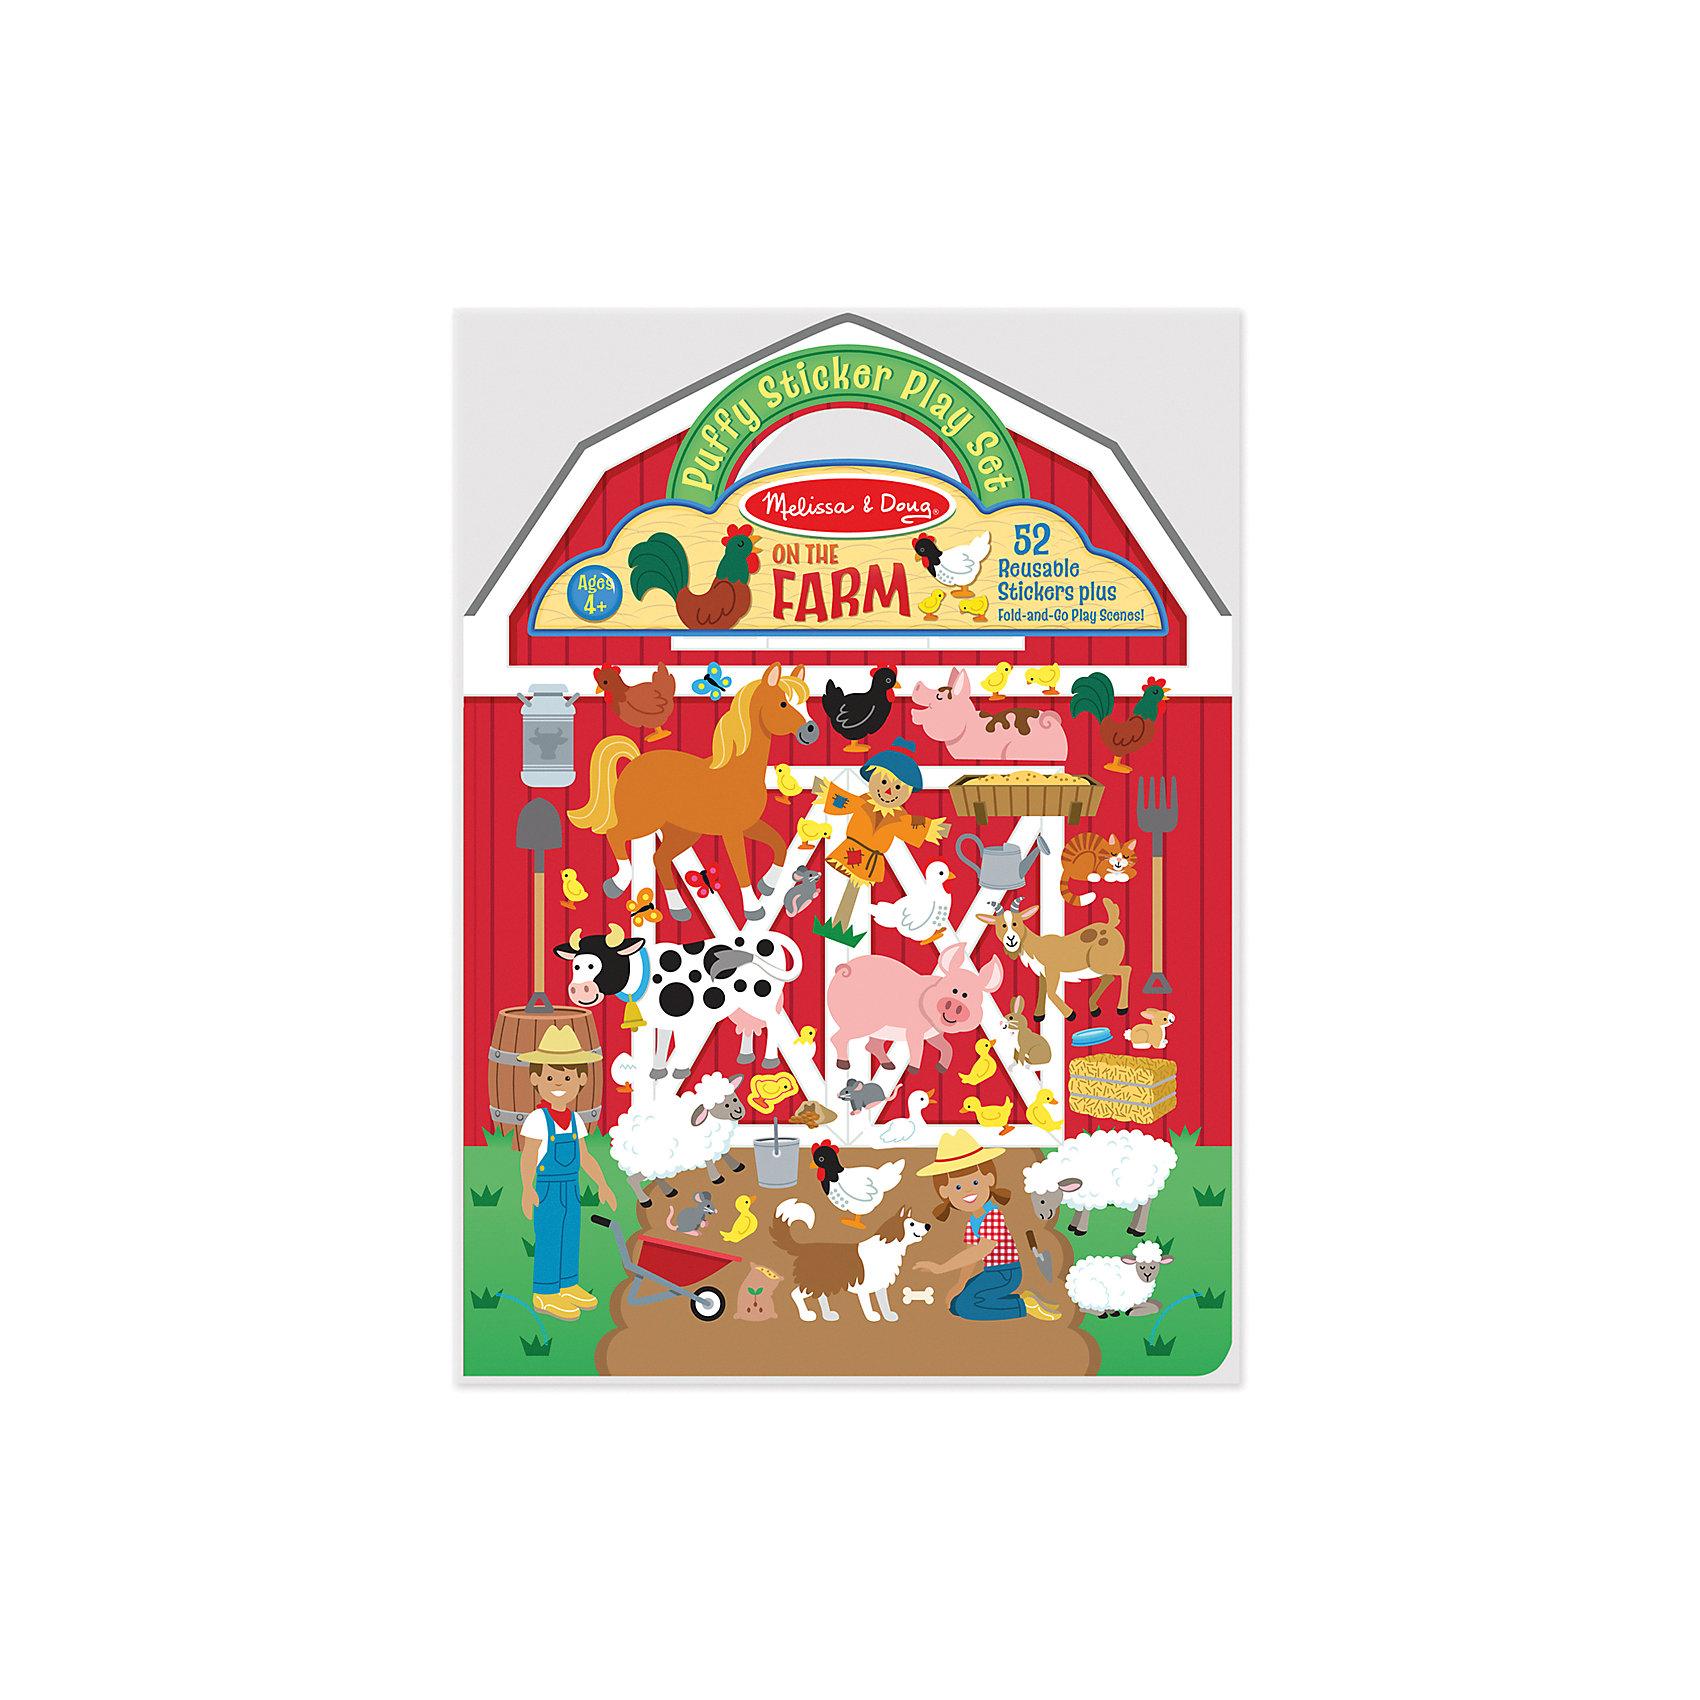 Книжка с многоразовыми наклейками ФермаТворчество для малышей<br>Такой набор - это отличный вариант подарка ребенку, который одновременно и развлечет малыша, и позволит ему развивать важные навыки. Это способствует развитию у малышей мелкой моторики, цветовосприятия, художественного вкуса, внимания и воображения. <br>Набор состоит из листов с заготовками, которые можно заполнять: оживлять ферму с помощью наклеек. Это очень увлекательно! Набор отличается простотой использования и отличным качеством исполнения. <br><br>Дополнительная информация:<br><br>комплектация: книжка, 52 наклейки;<br>материал: бумага;<br>размер упаковки: 220 х 280 х 10 мм.<br><br>Набор стикеров Ферма от бренда Melissa&amp;Doug можно купить в нашем магазине.<br><br>Ширина мм: 210<br>Глубина мм: 10<br>Высота мм: 300<br>Вес г: 91<br>Возраст от месяцев: 48<br>Возраст до месяцев: 84<br>Пол: Унисекс<br>Возраст: Детский<br>SKU: 4993708